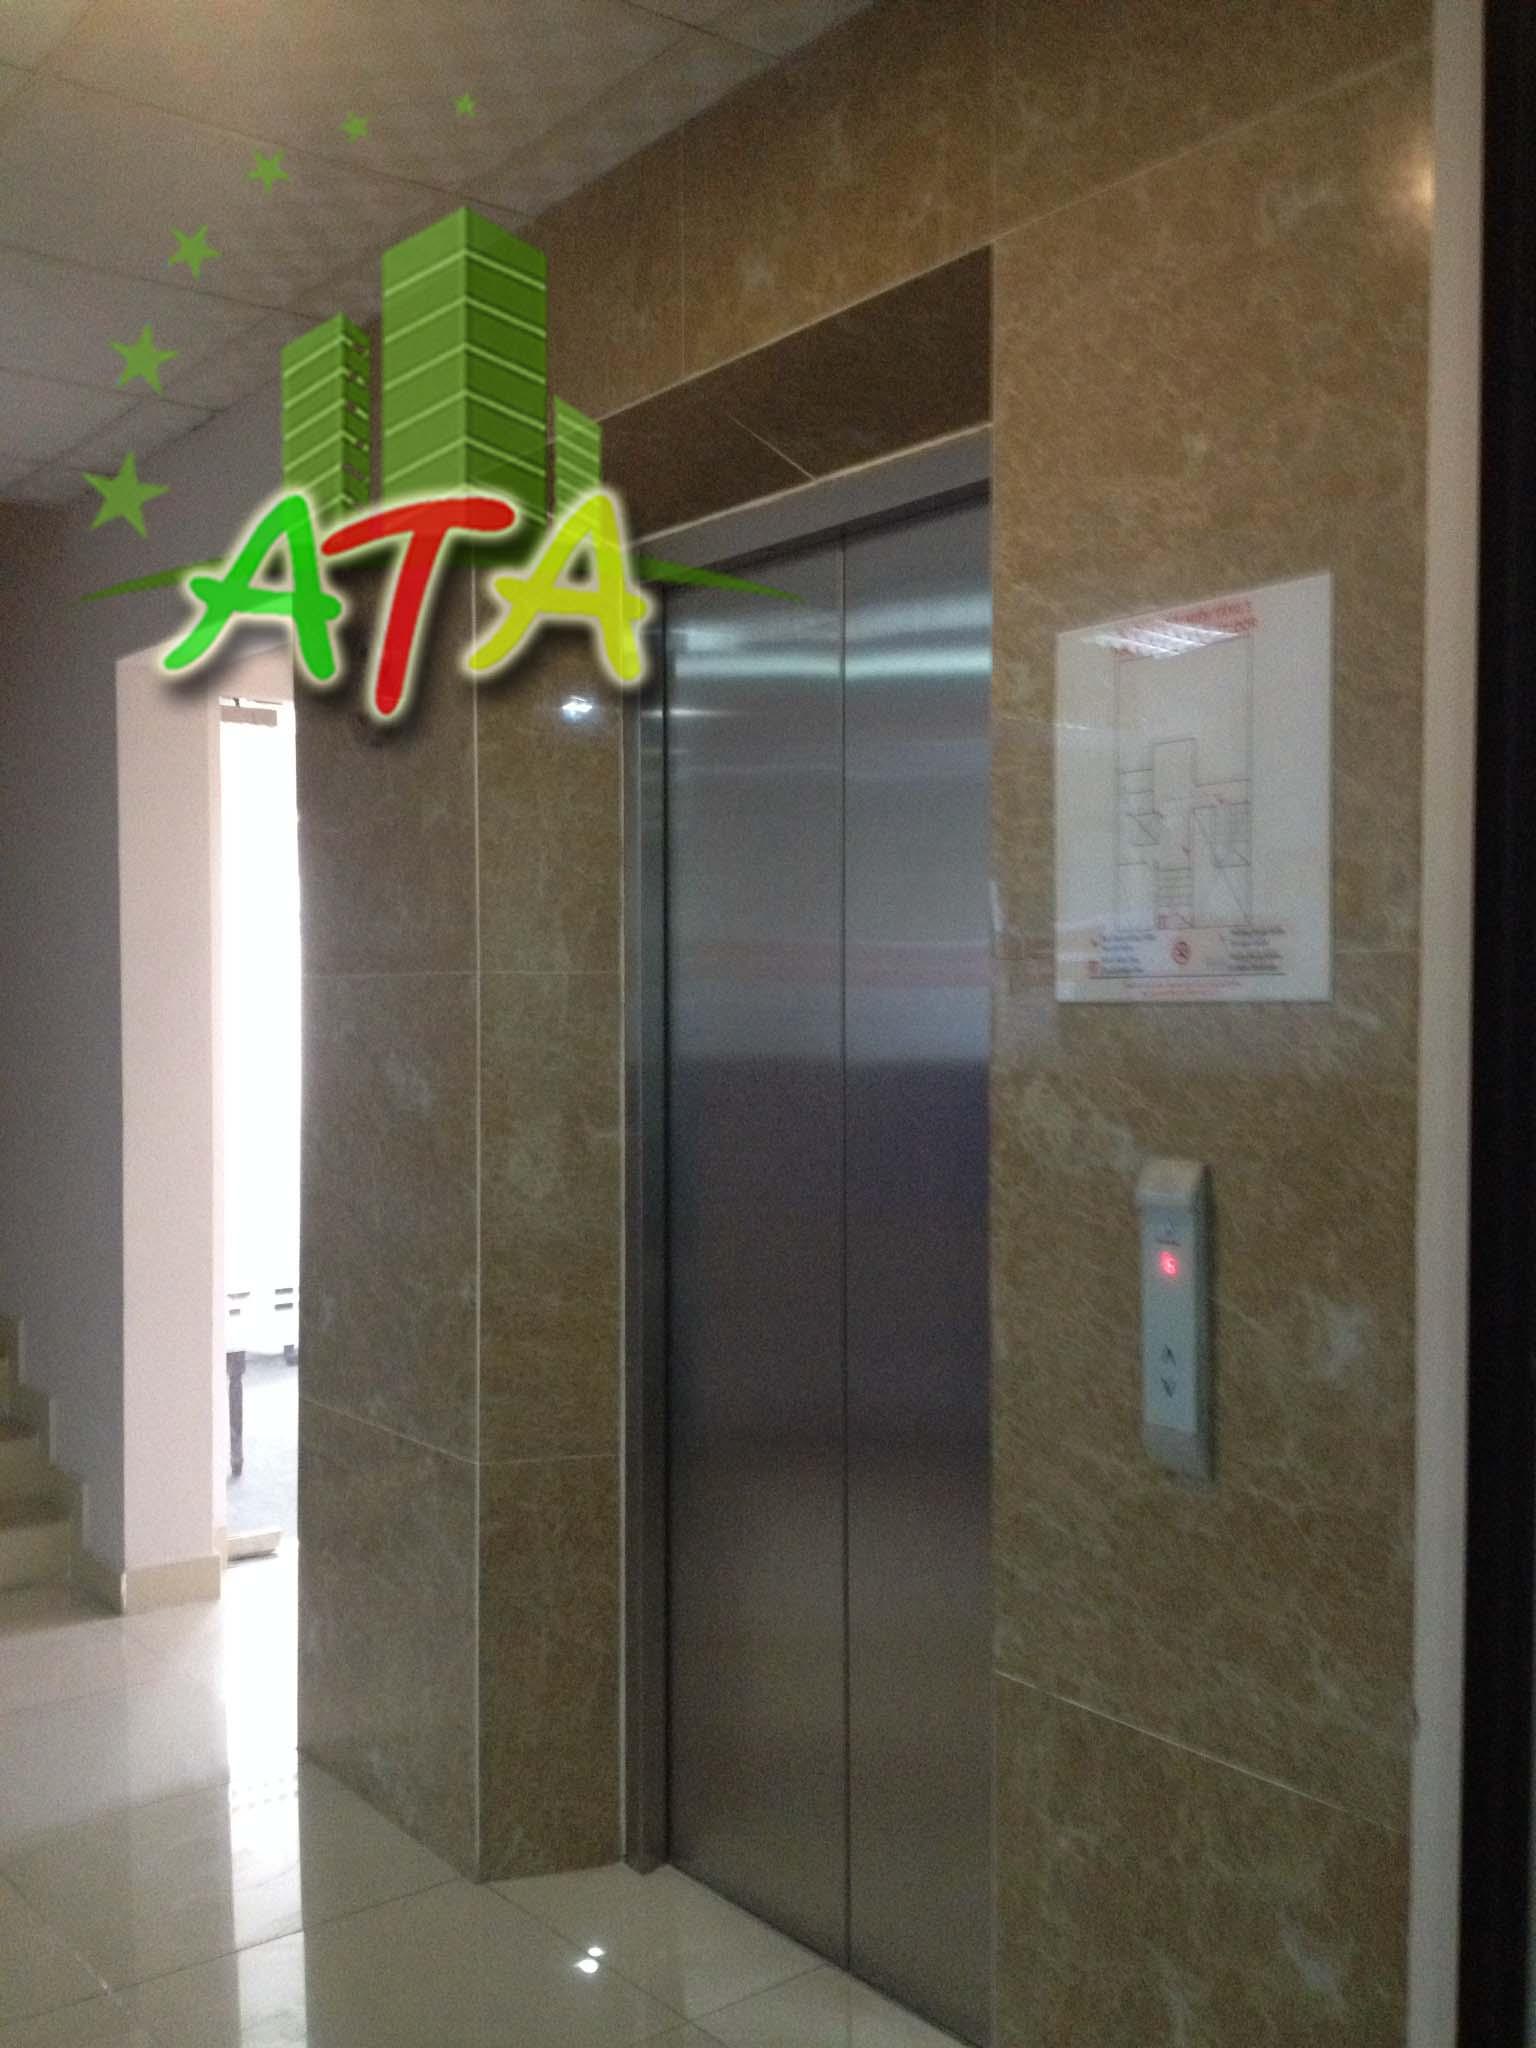 văn phòng cho thuê quận Tân Bình, văn phòng cho thuê ngay sân bay Tân Sơn Nhất, Tiền Phong Building đường Trường Sơn, office for lease in airport Tân Sơn Nhất,